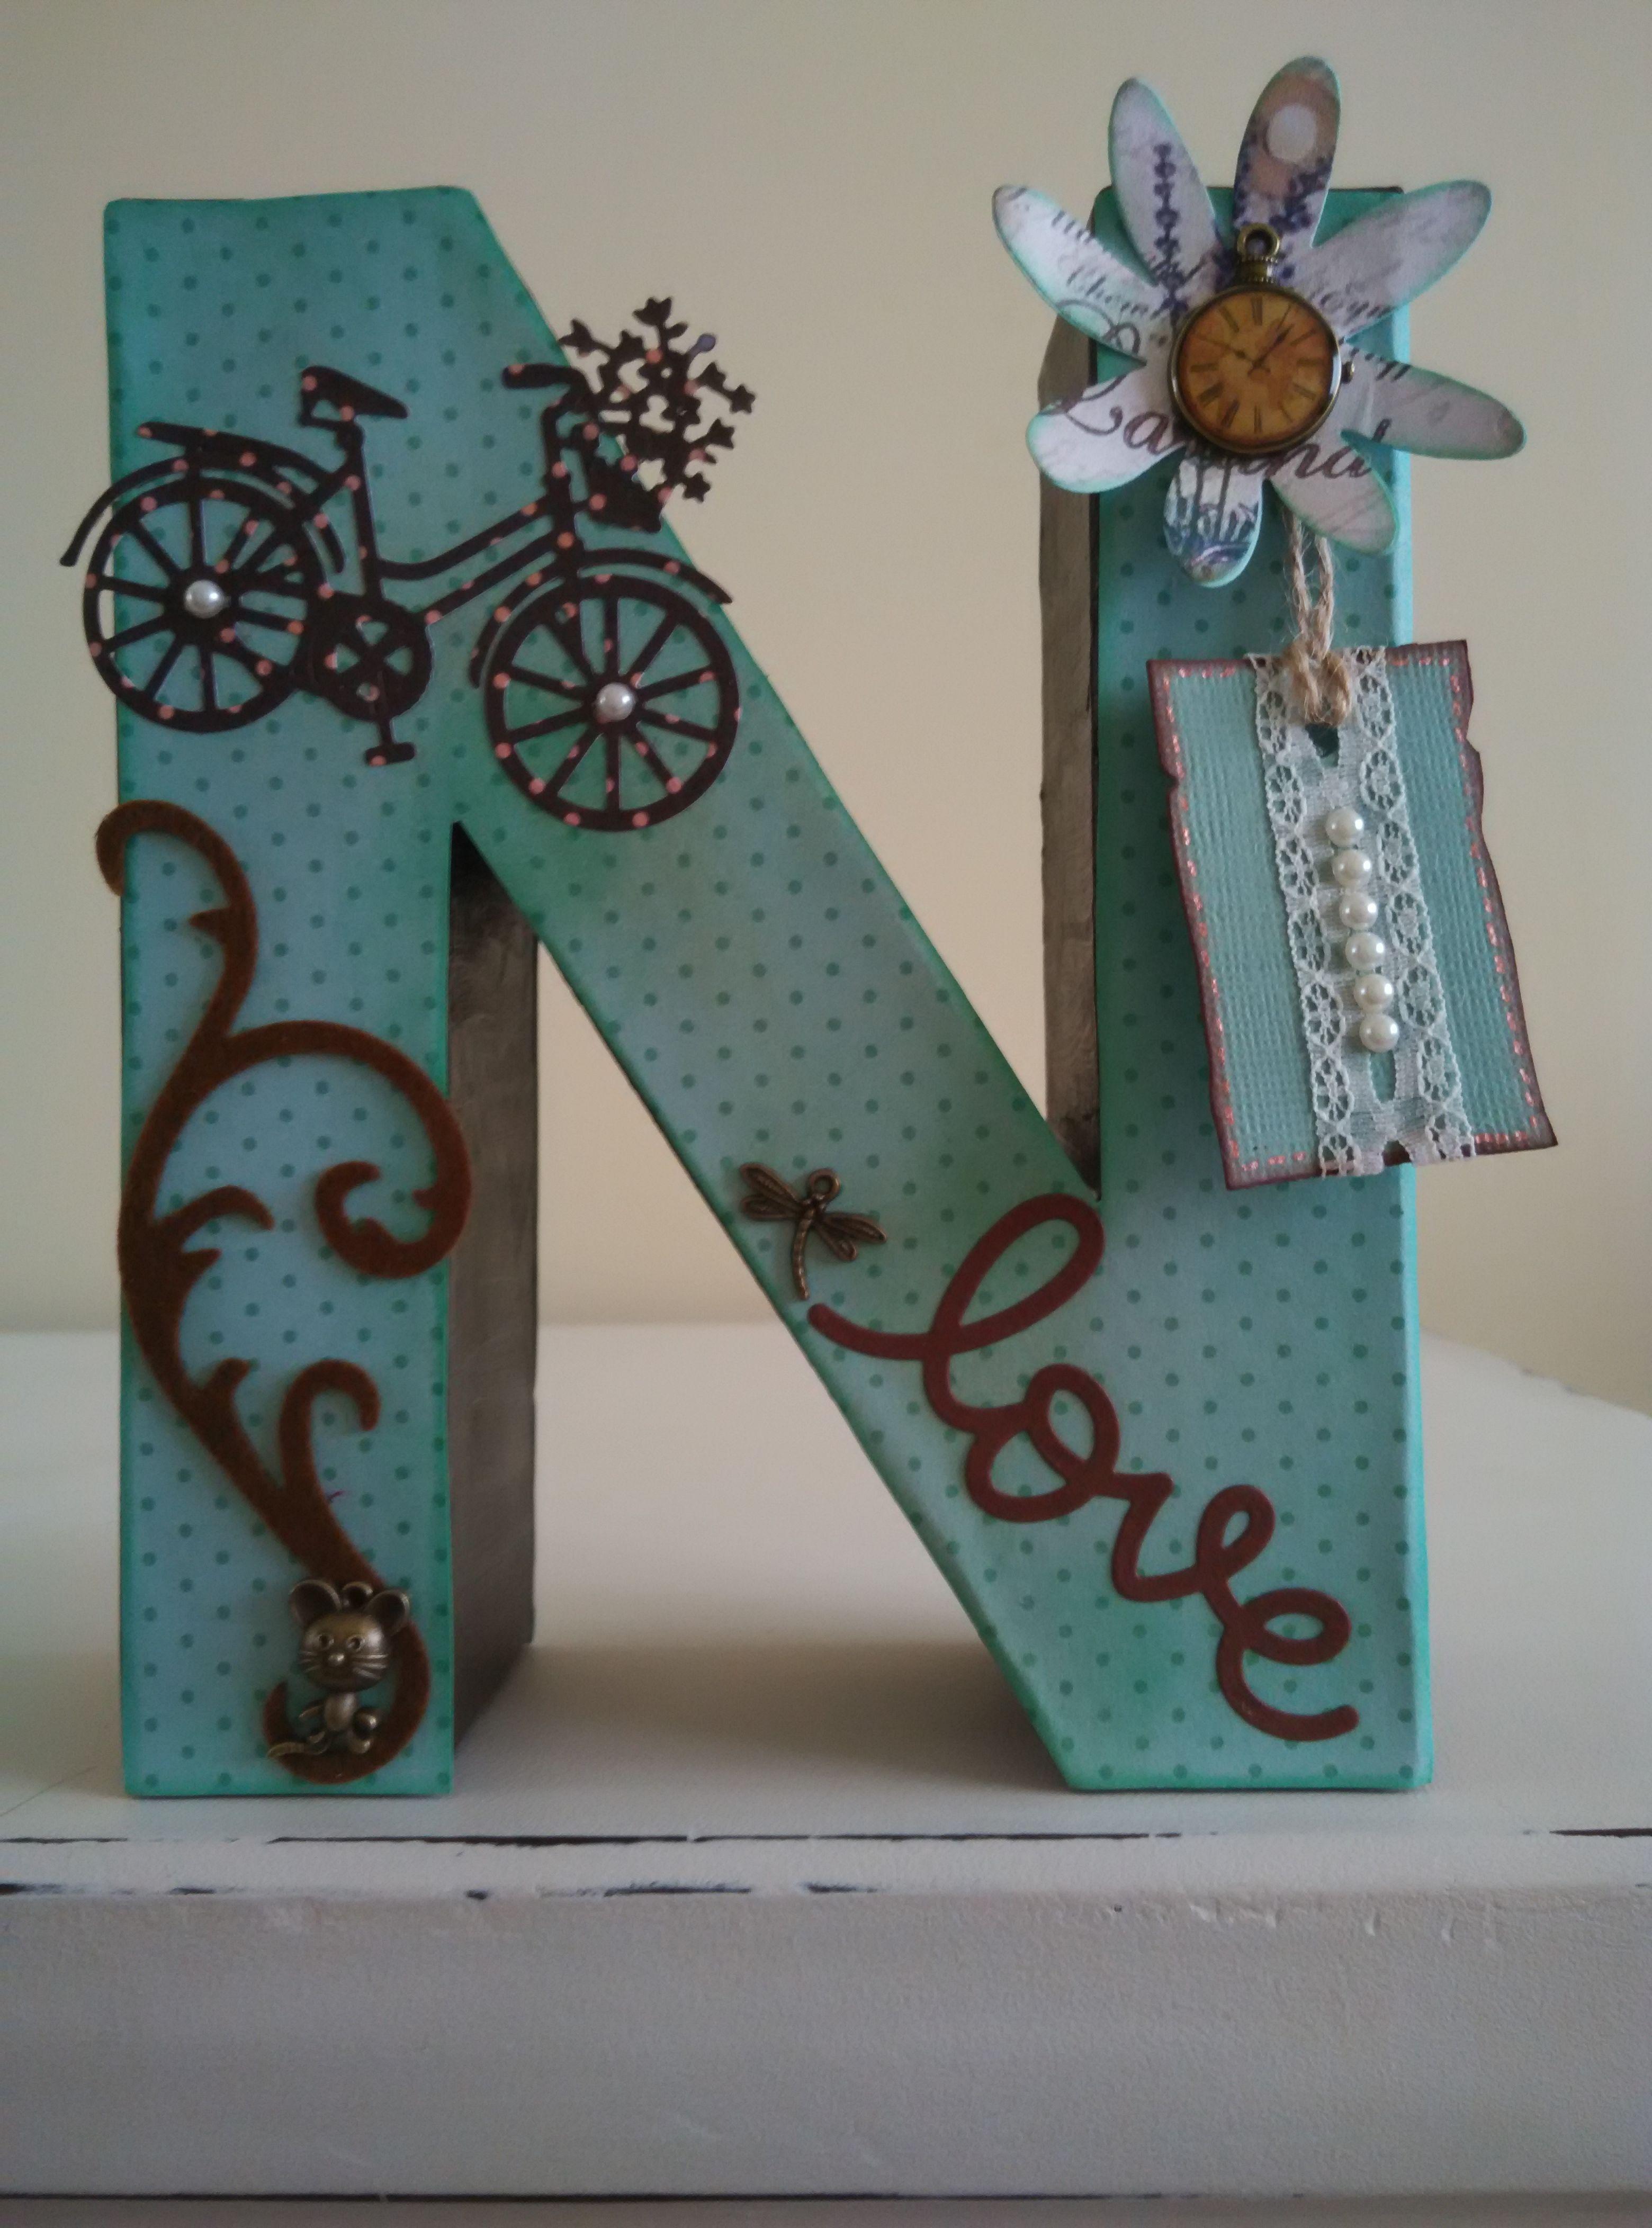 Pin de sindy lim goh en wooden alphabet pinterest letras letras decoradas y letras decorativas - Letras de madera decorativas ...